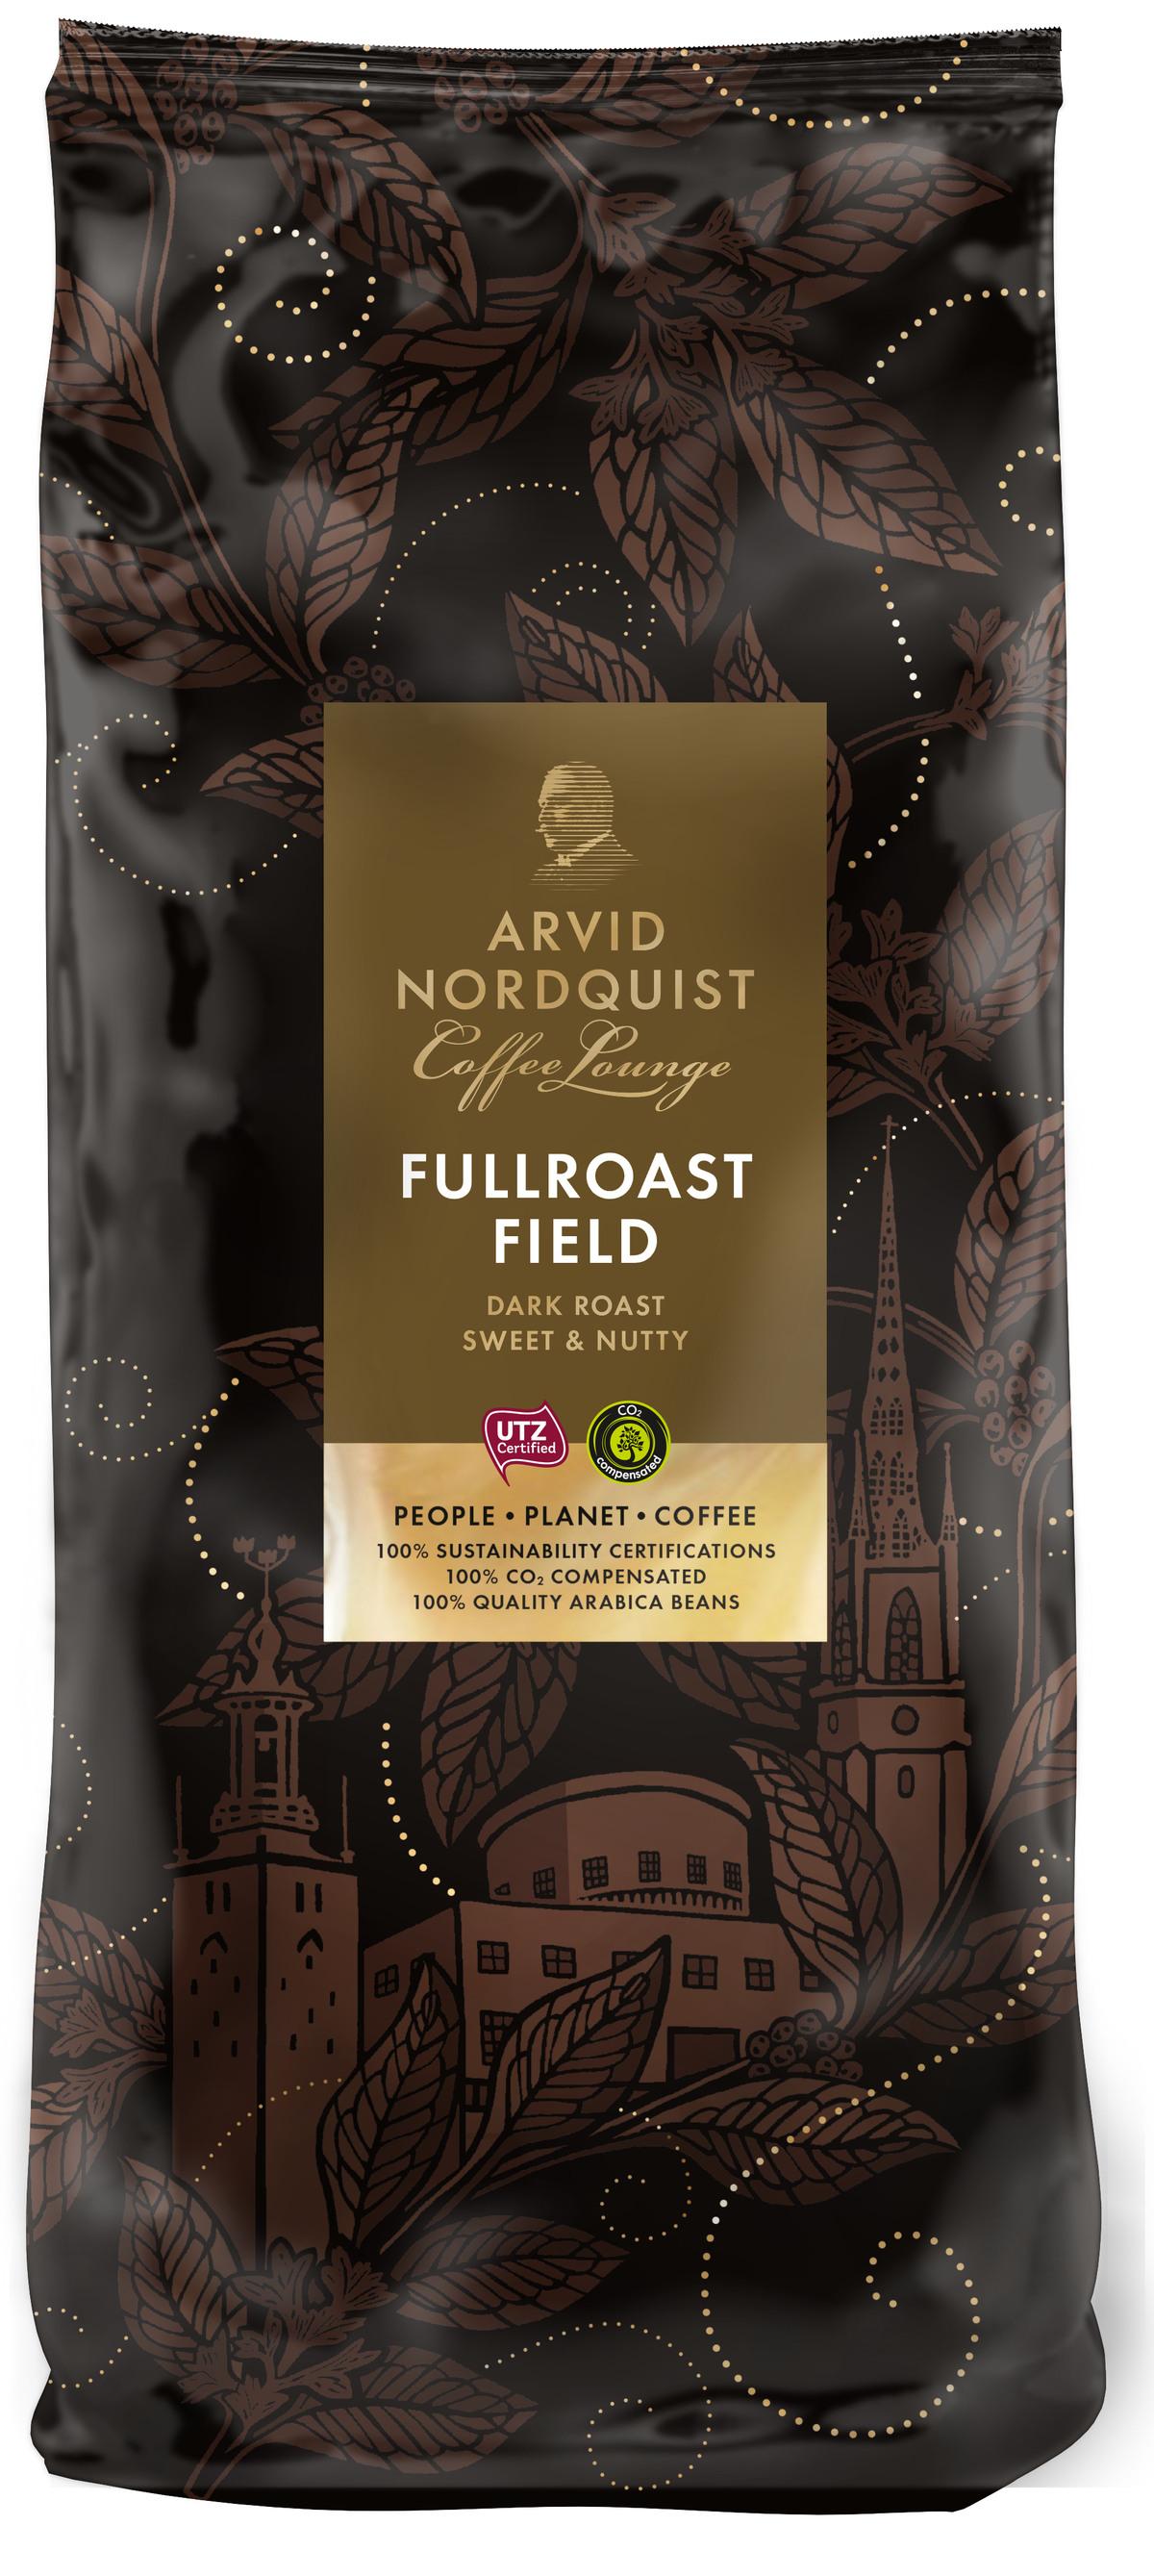 Fullroast Field